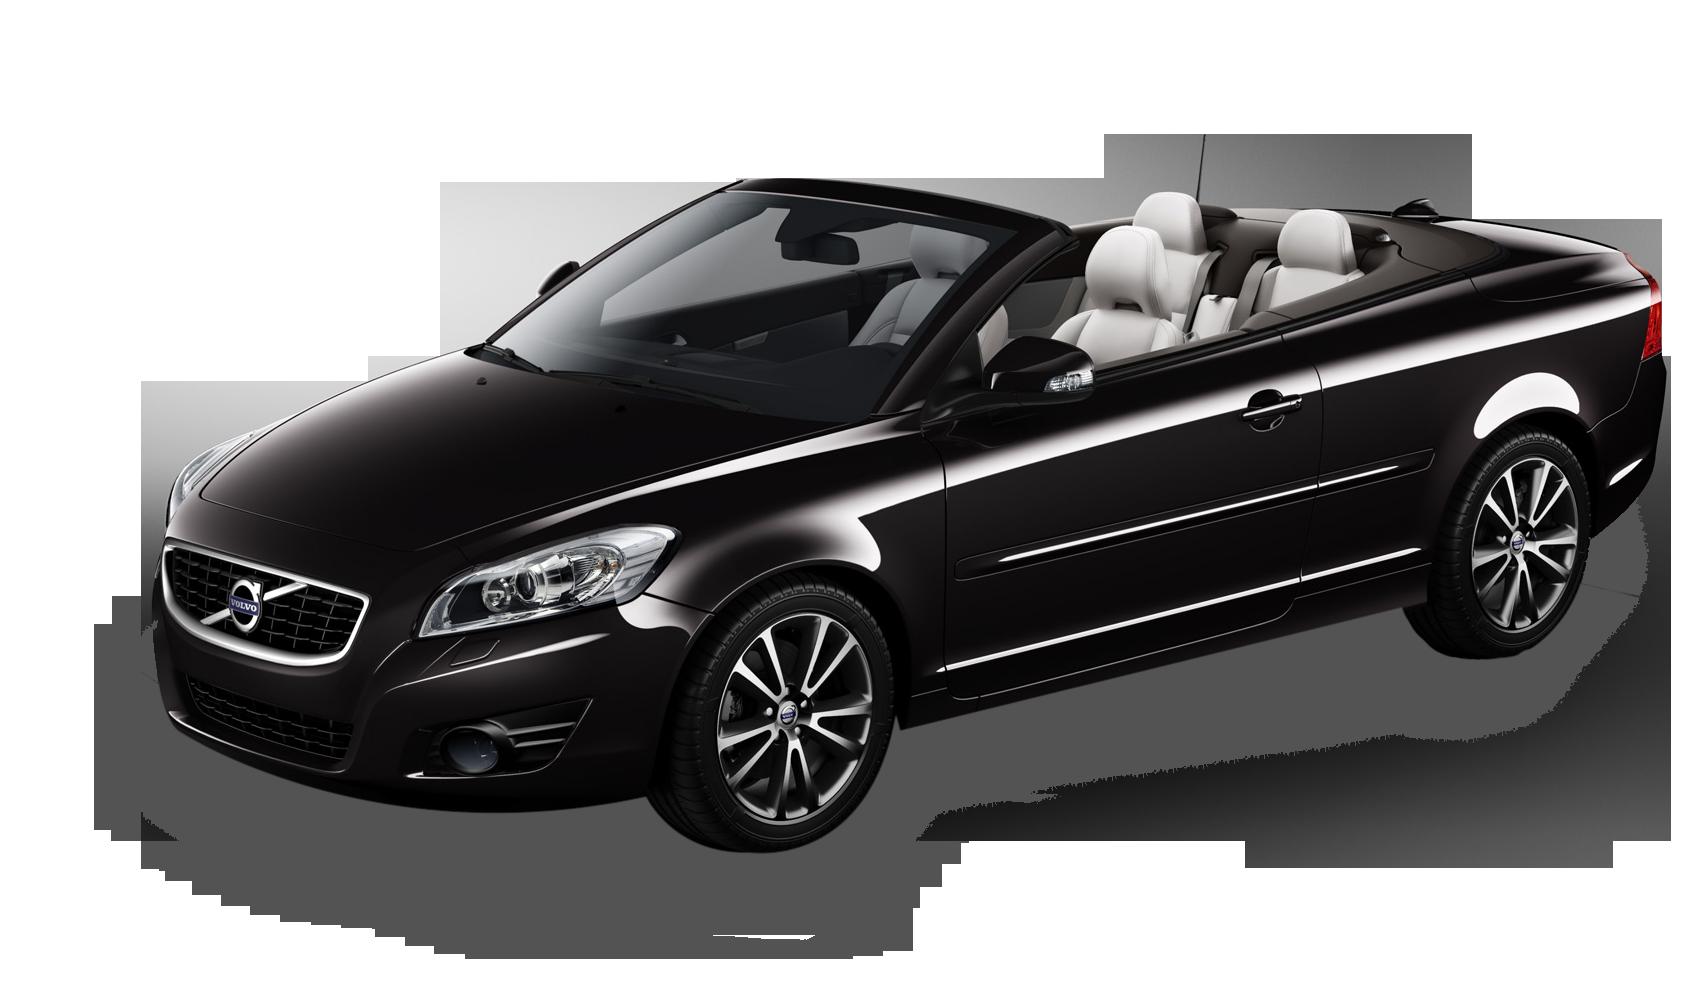 vente du 8 d cembre lorient blog vpauto l 39 actualit automobile. Black Bedroom Furniture Sets. Home Design Ideas